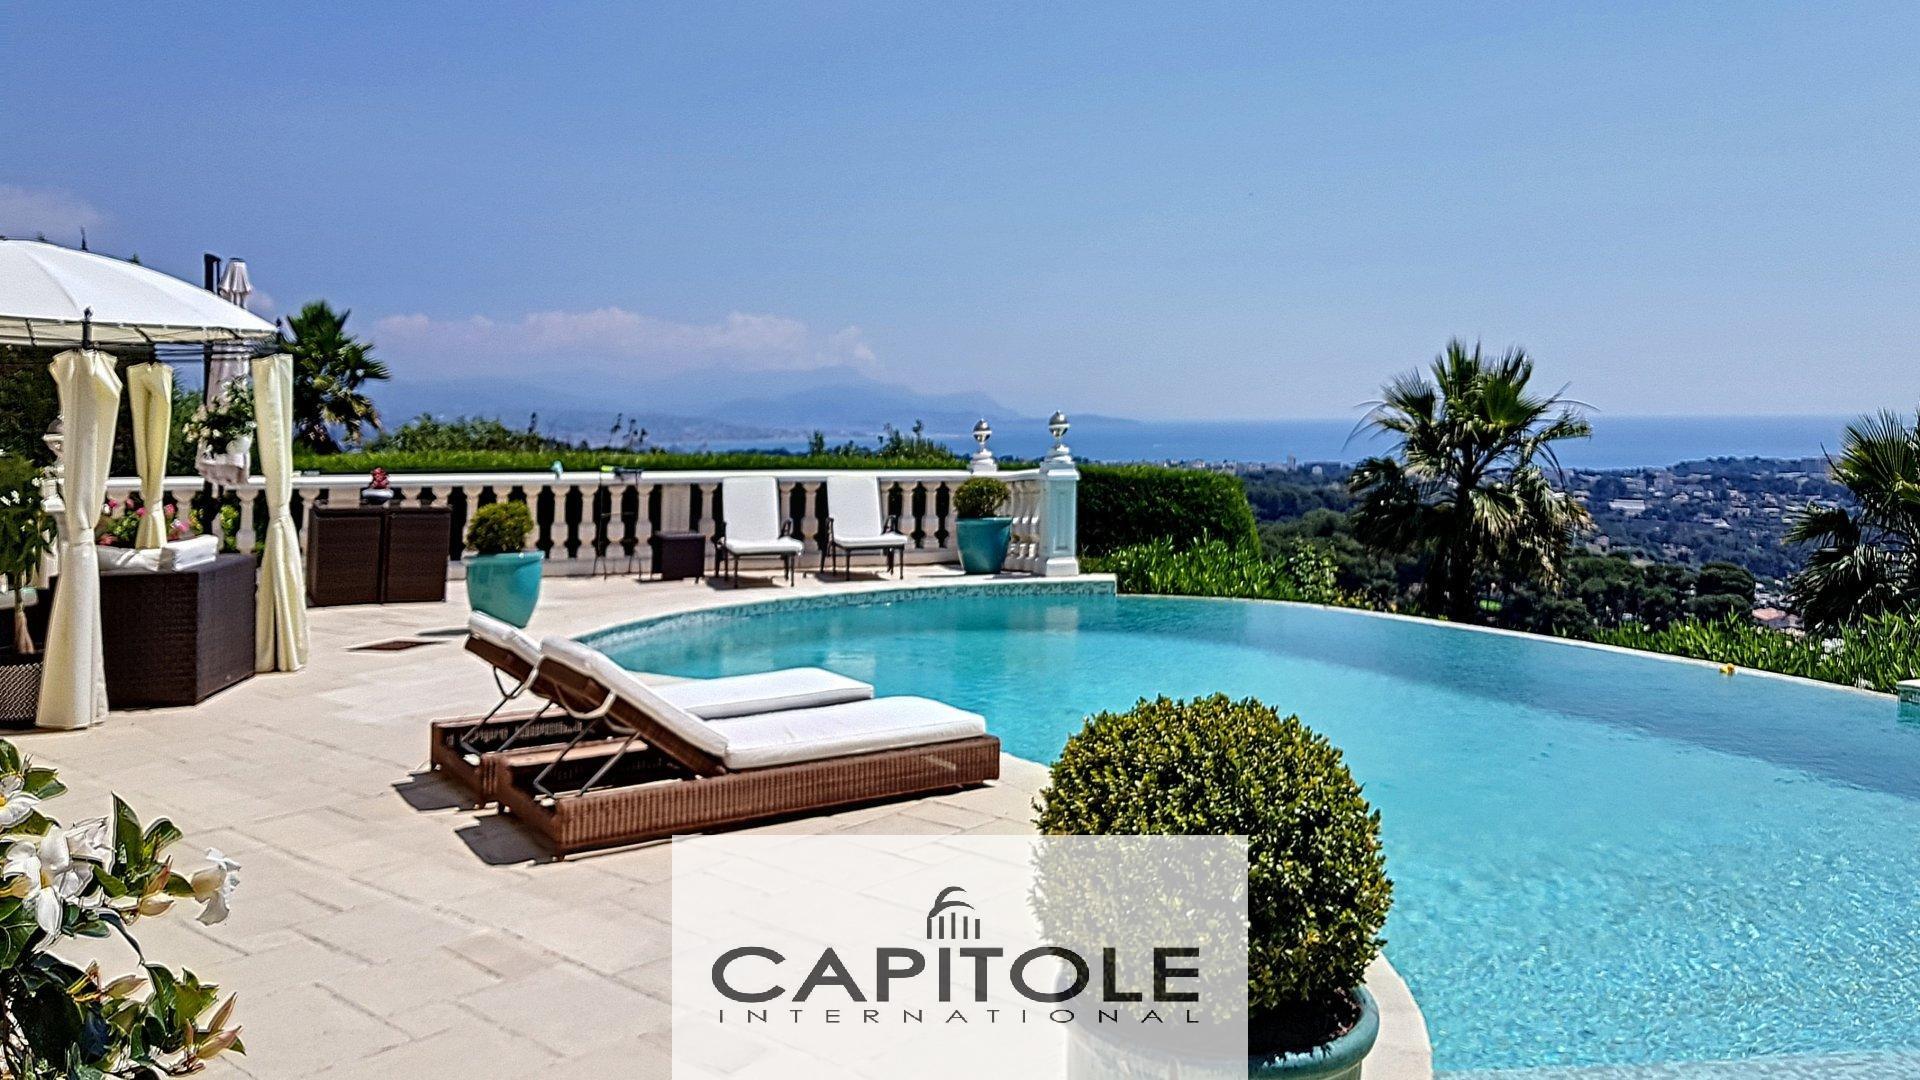 A vendre, Golfe Juan, propriété 11 pièces 460 m², vue mer panoramique, terraces, piscine